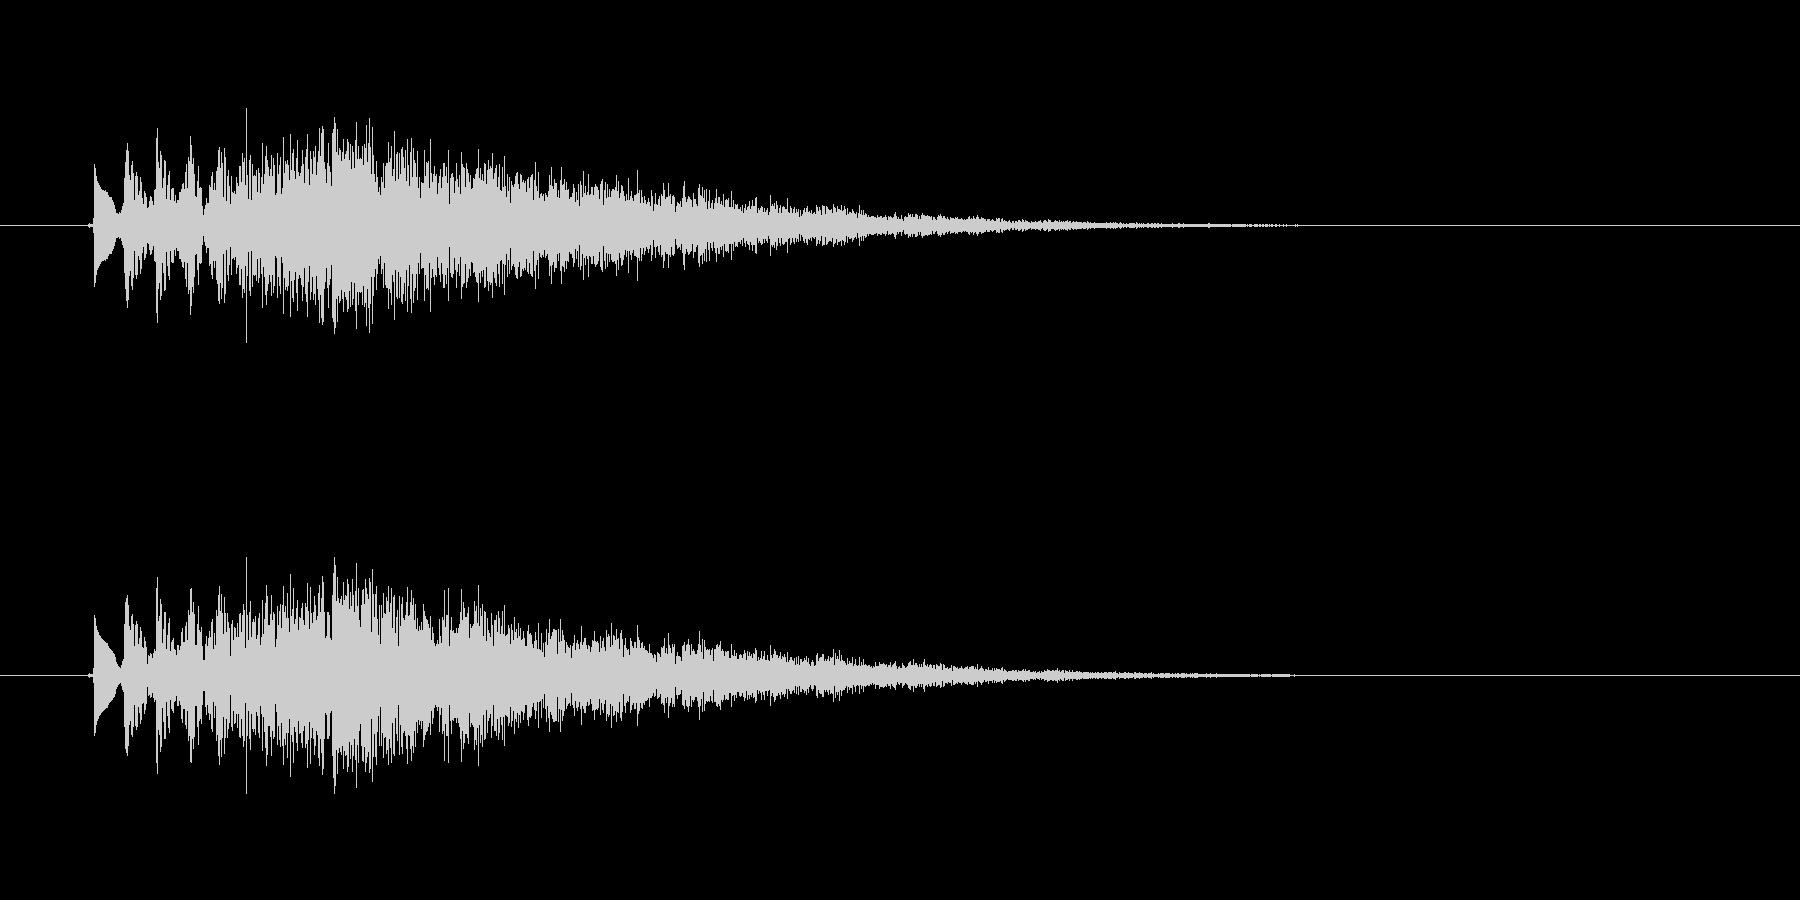 キラキラ(グリッサンド)の未再生の波形